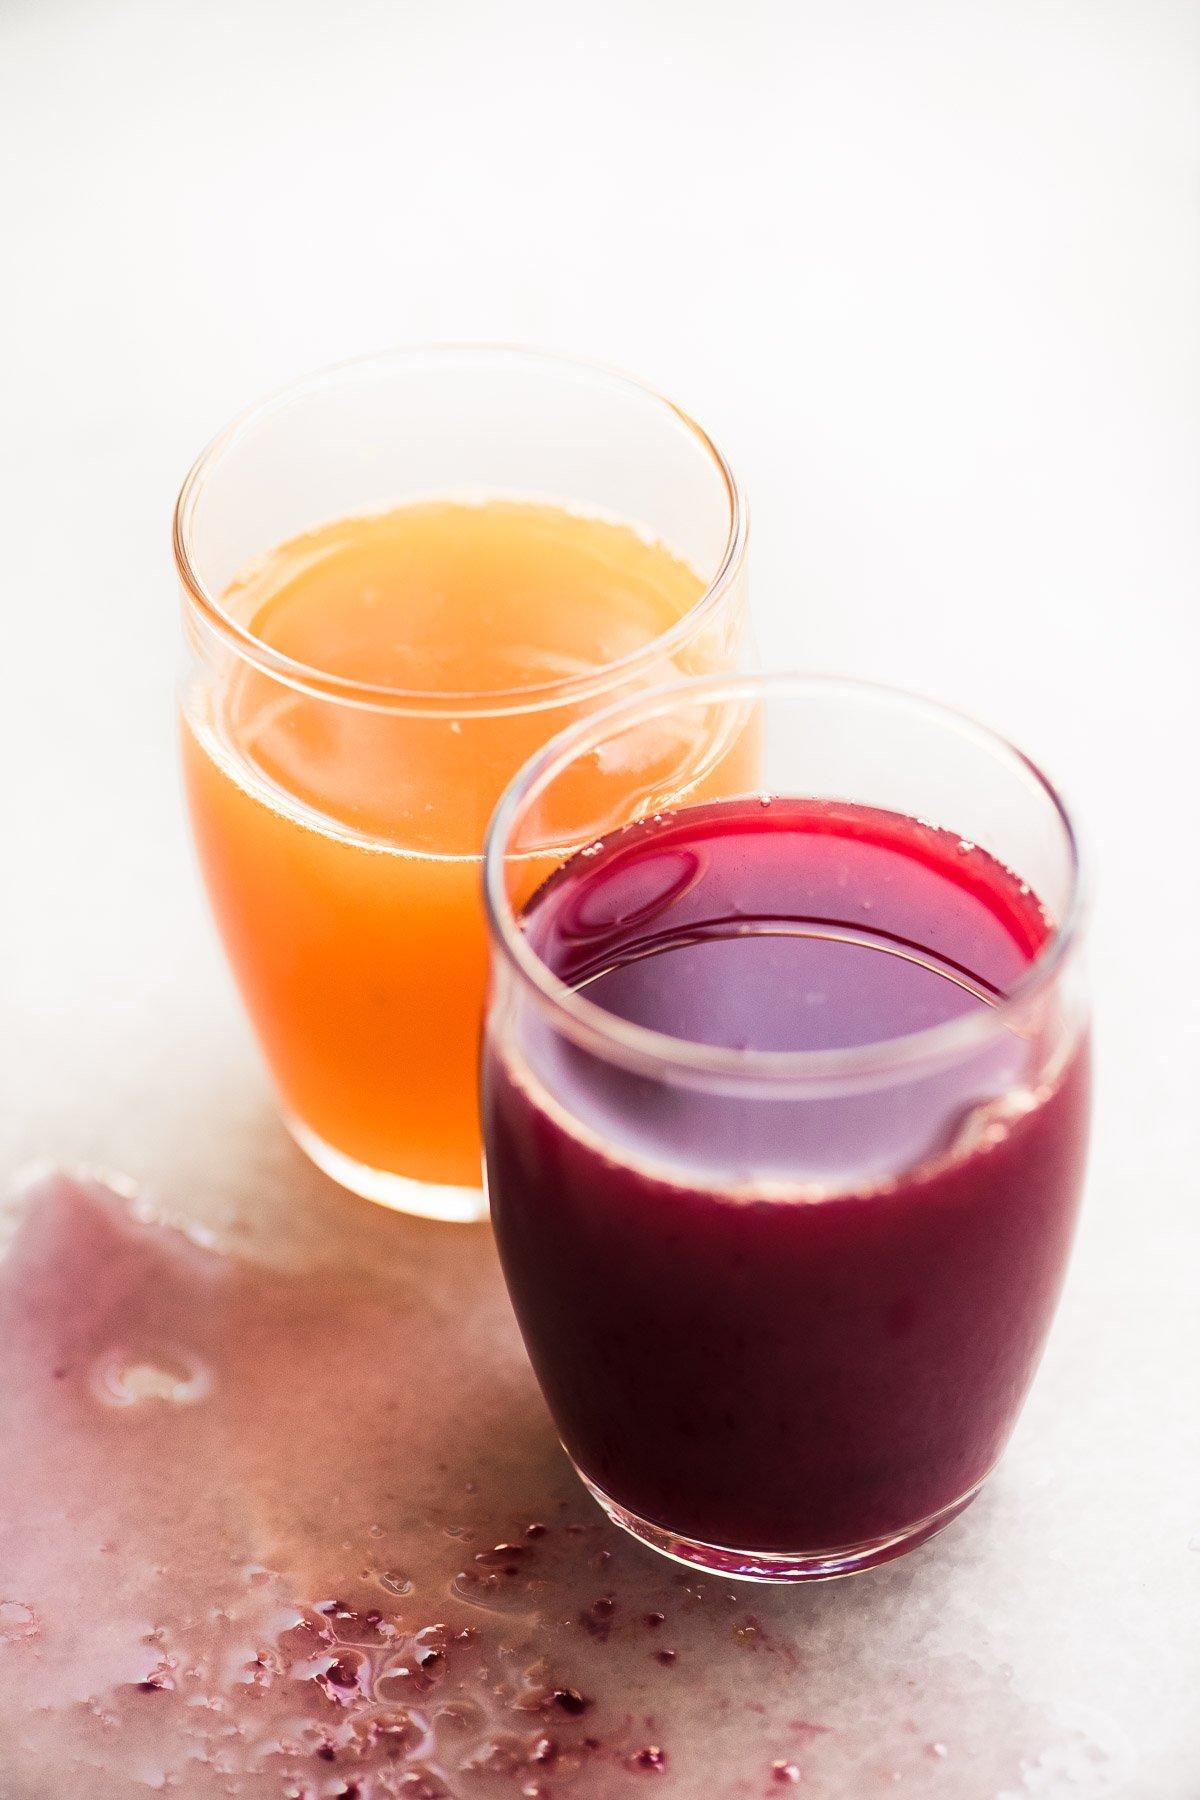 Small glasses of spremuta citrus juice